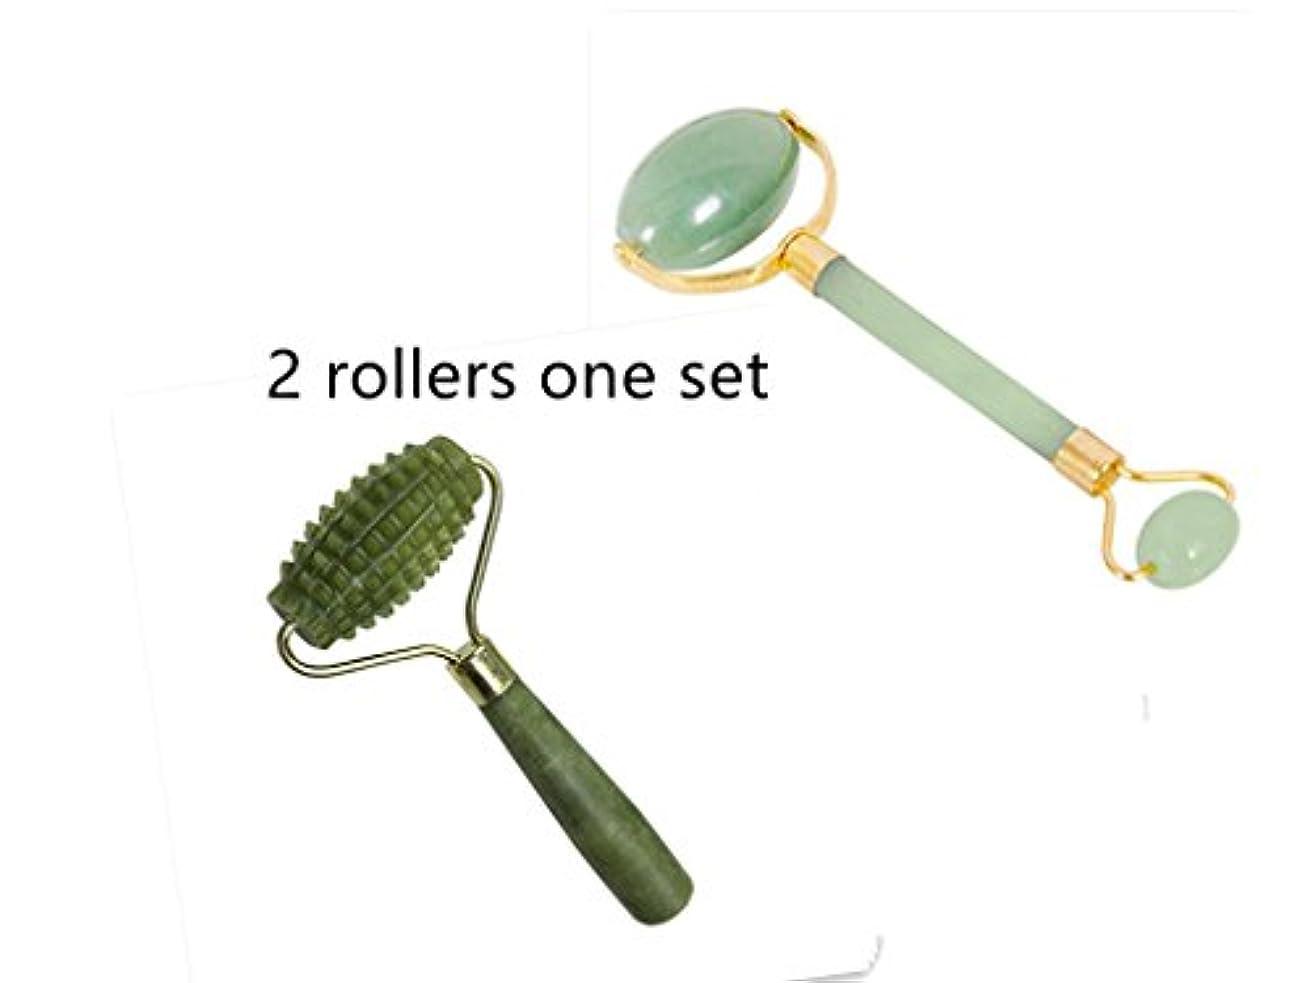 分岐するありがたい重力Echo & Kern 2点翡翠フェイスマッサジギザギザ付きでローラー 2pcs one set Double head Jade Roller and one single head Jade roller